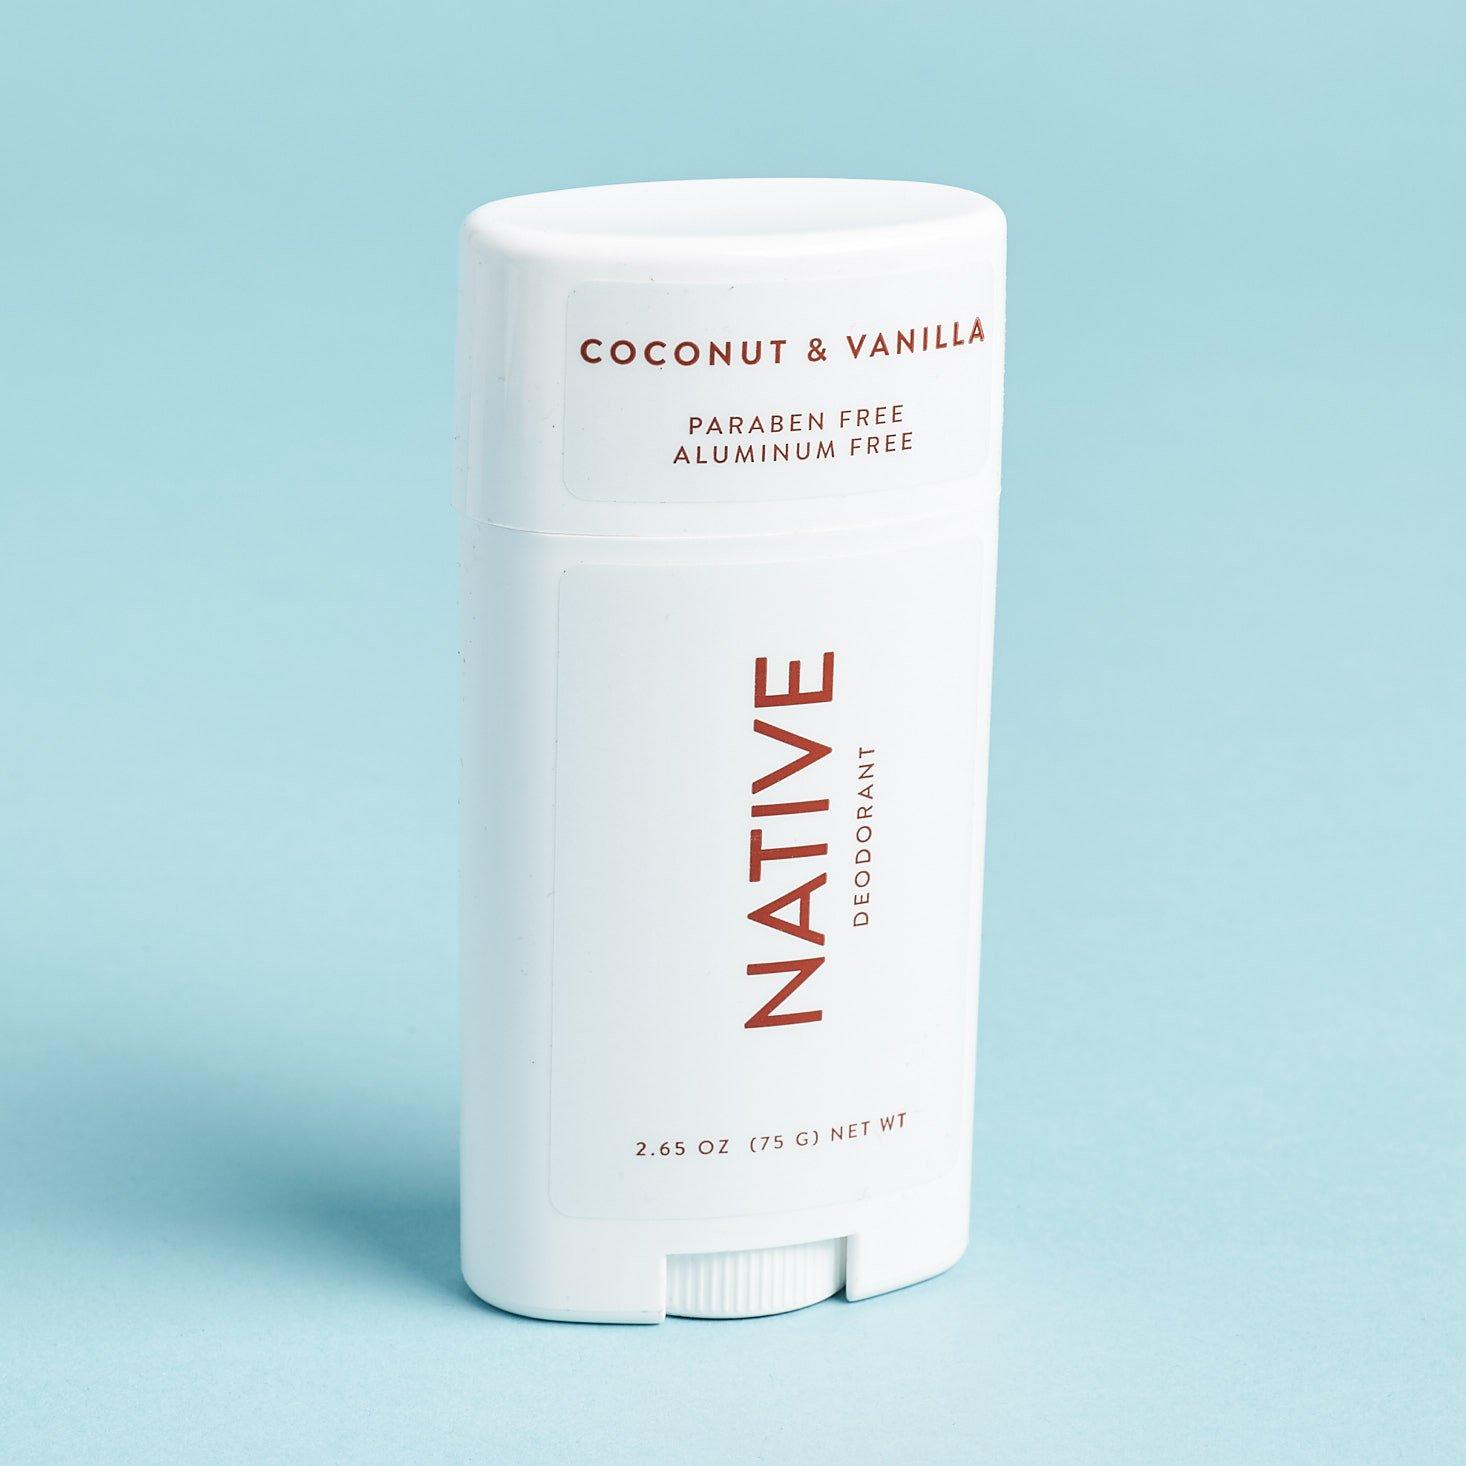 Native Deodorant coconut vanilla bar review 2019